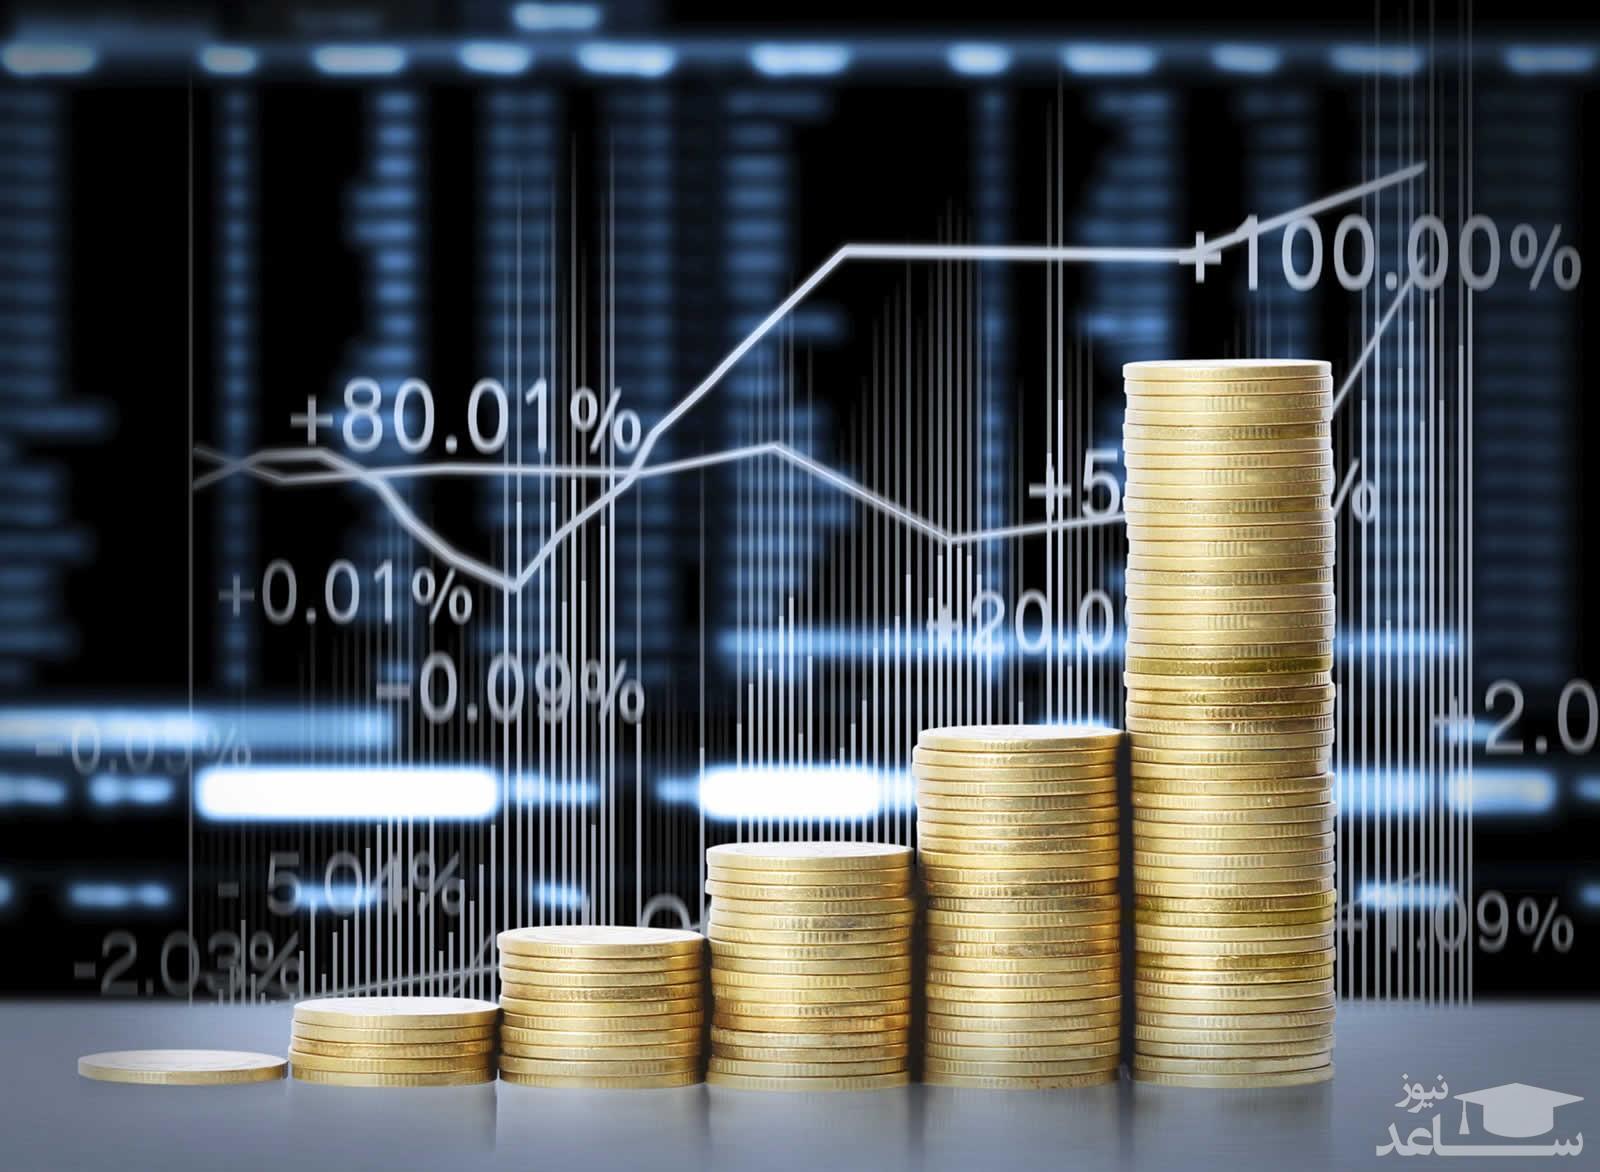 منظور از شرکت سرمایه گذاری در بورس چیست؟